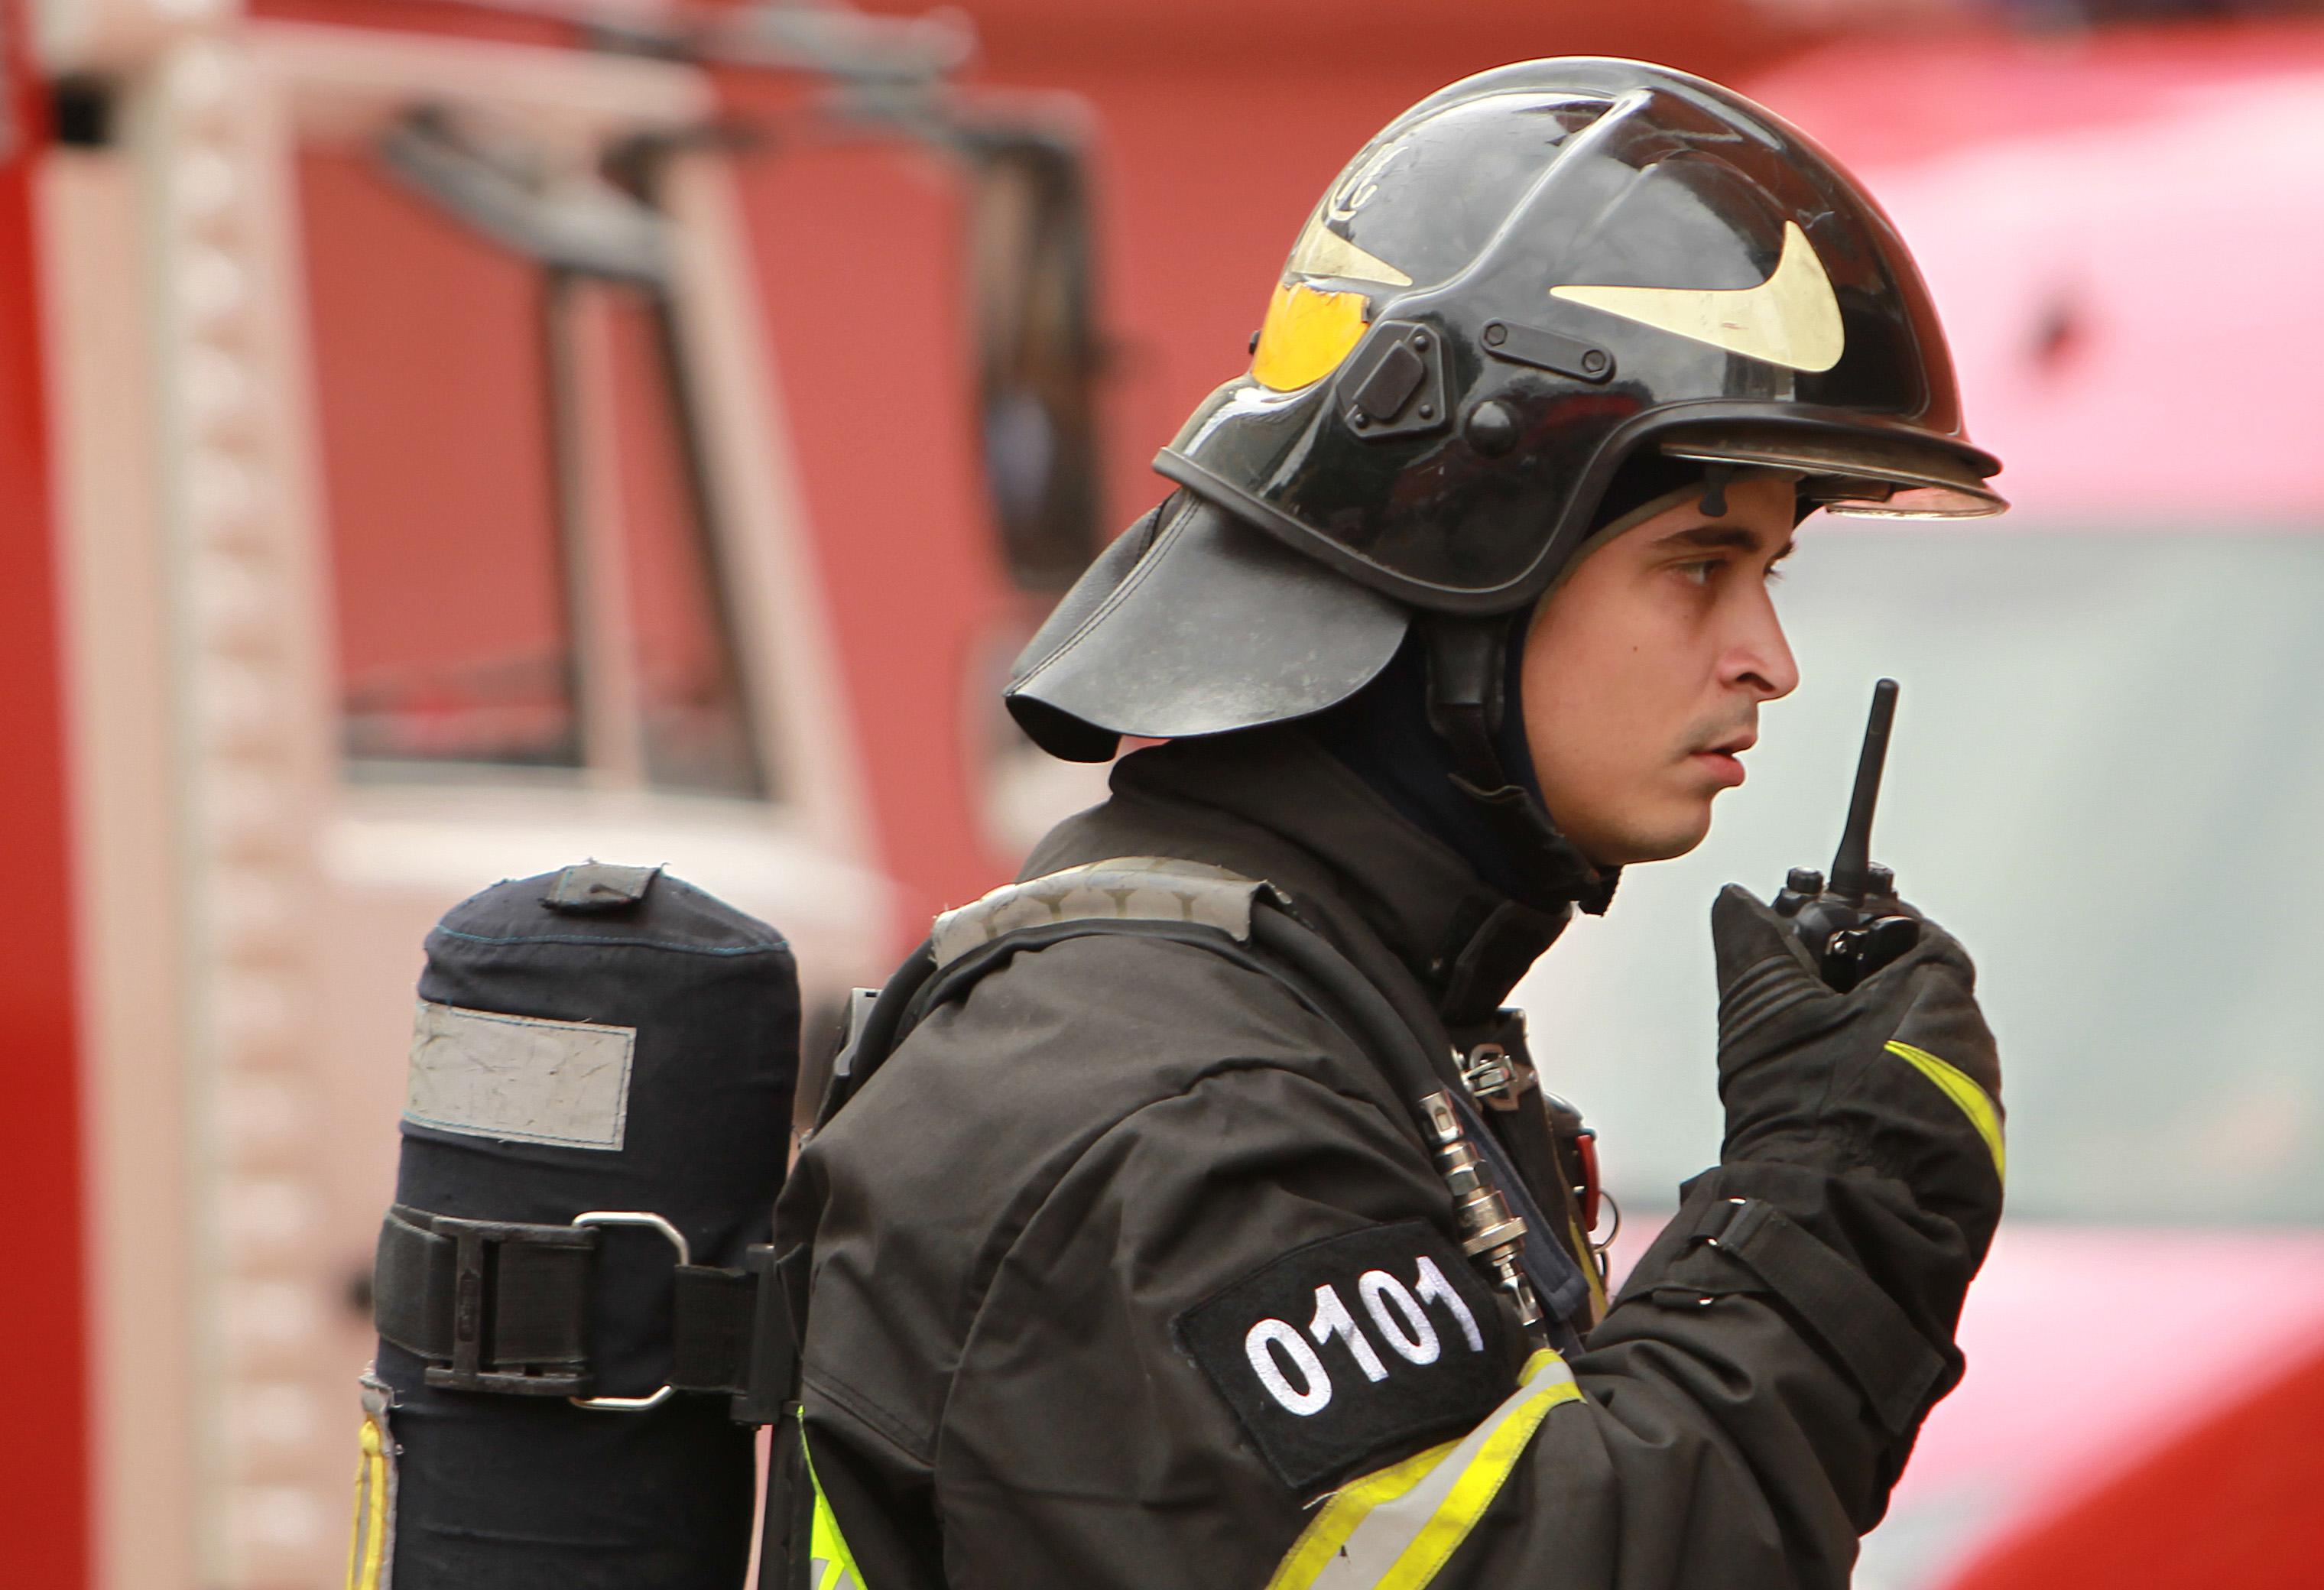 МЧС потушило пожар в подстанции на юго-западе Москвы